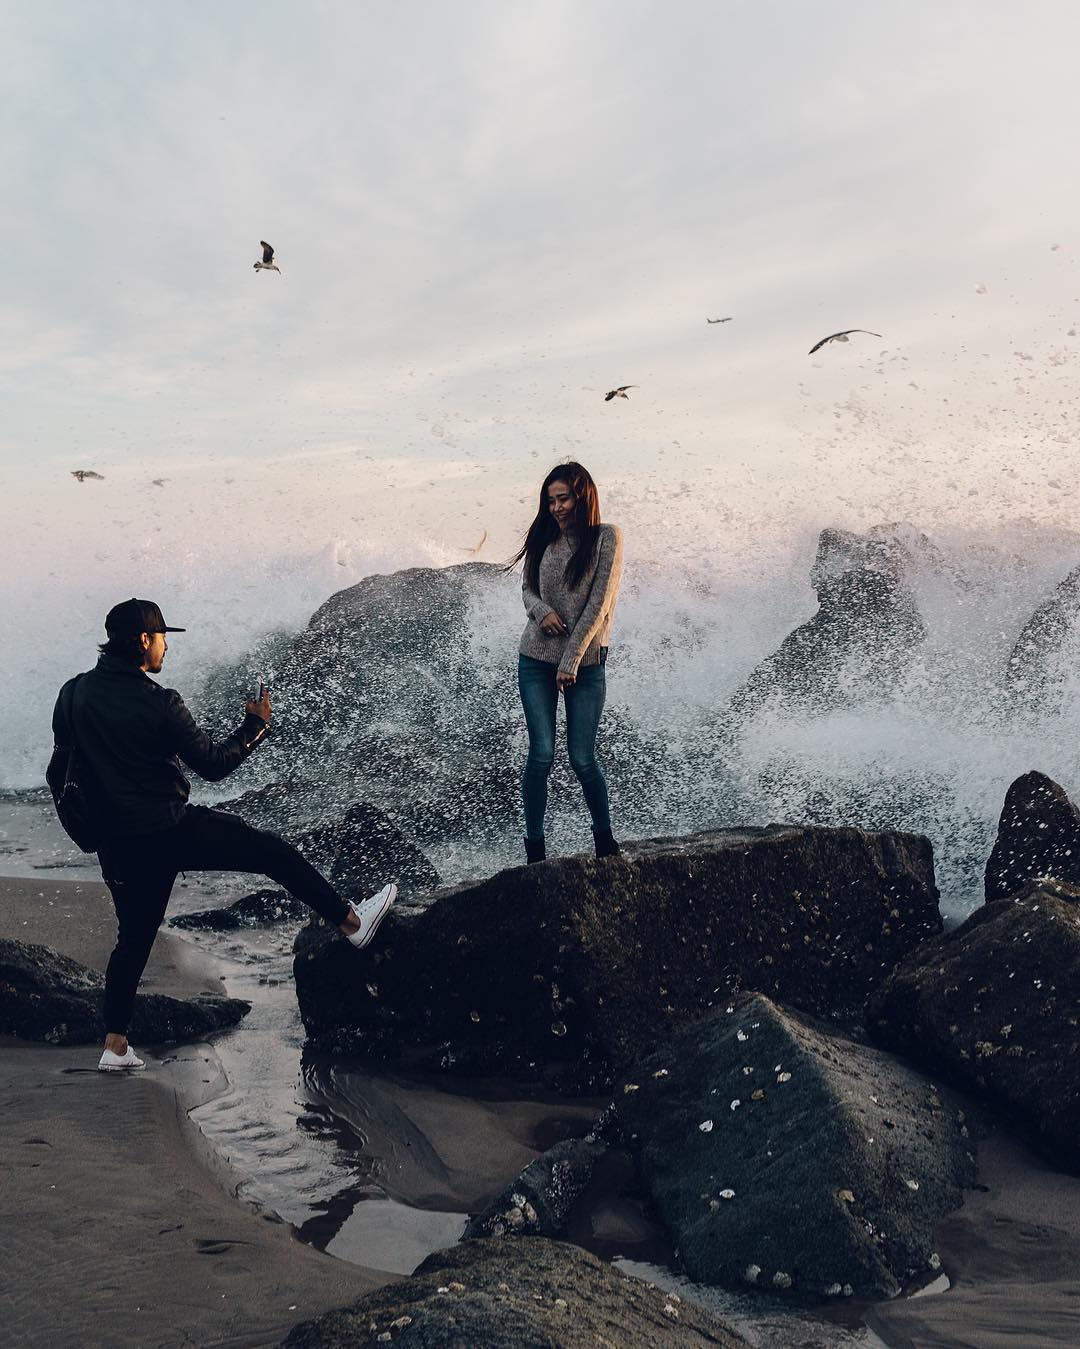 Пейзажи и путешествия на снимках из Instagram Брэда Романо